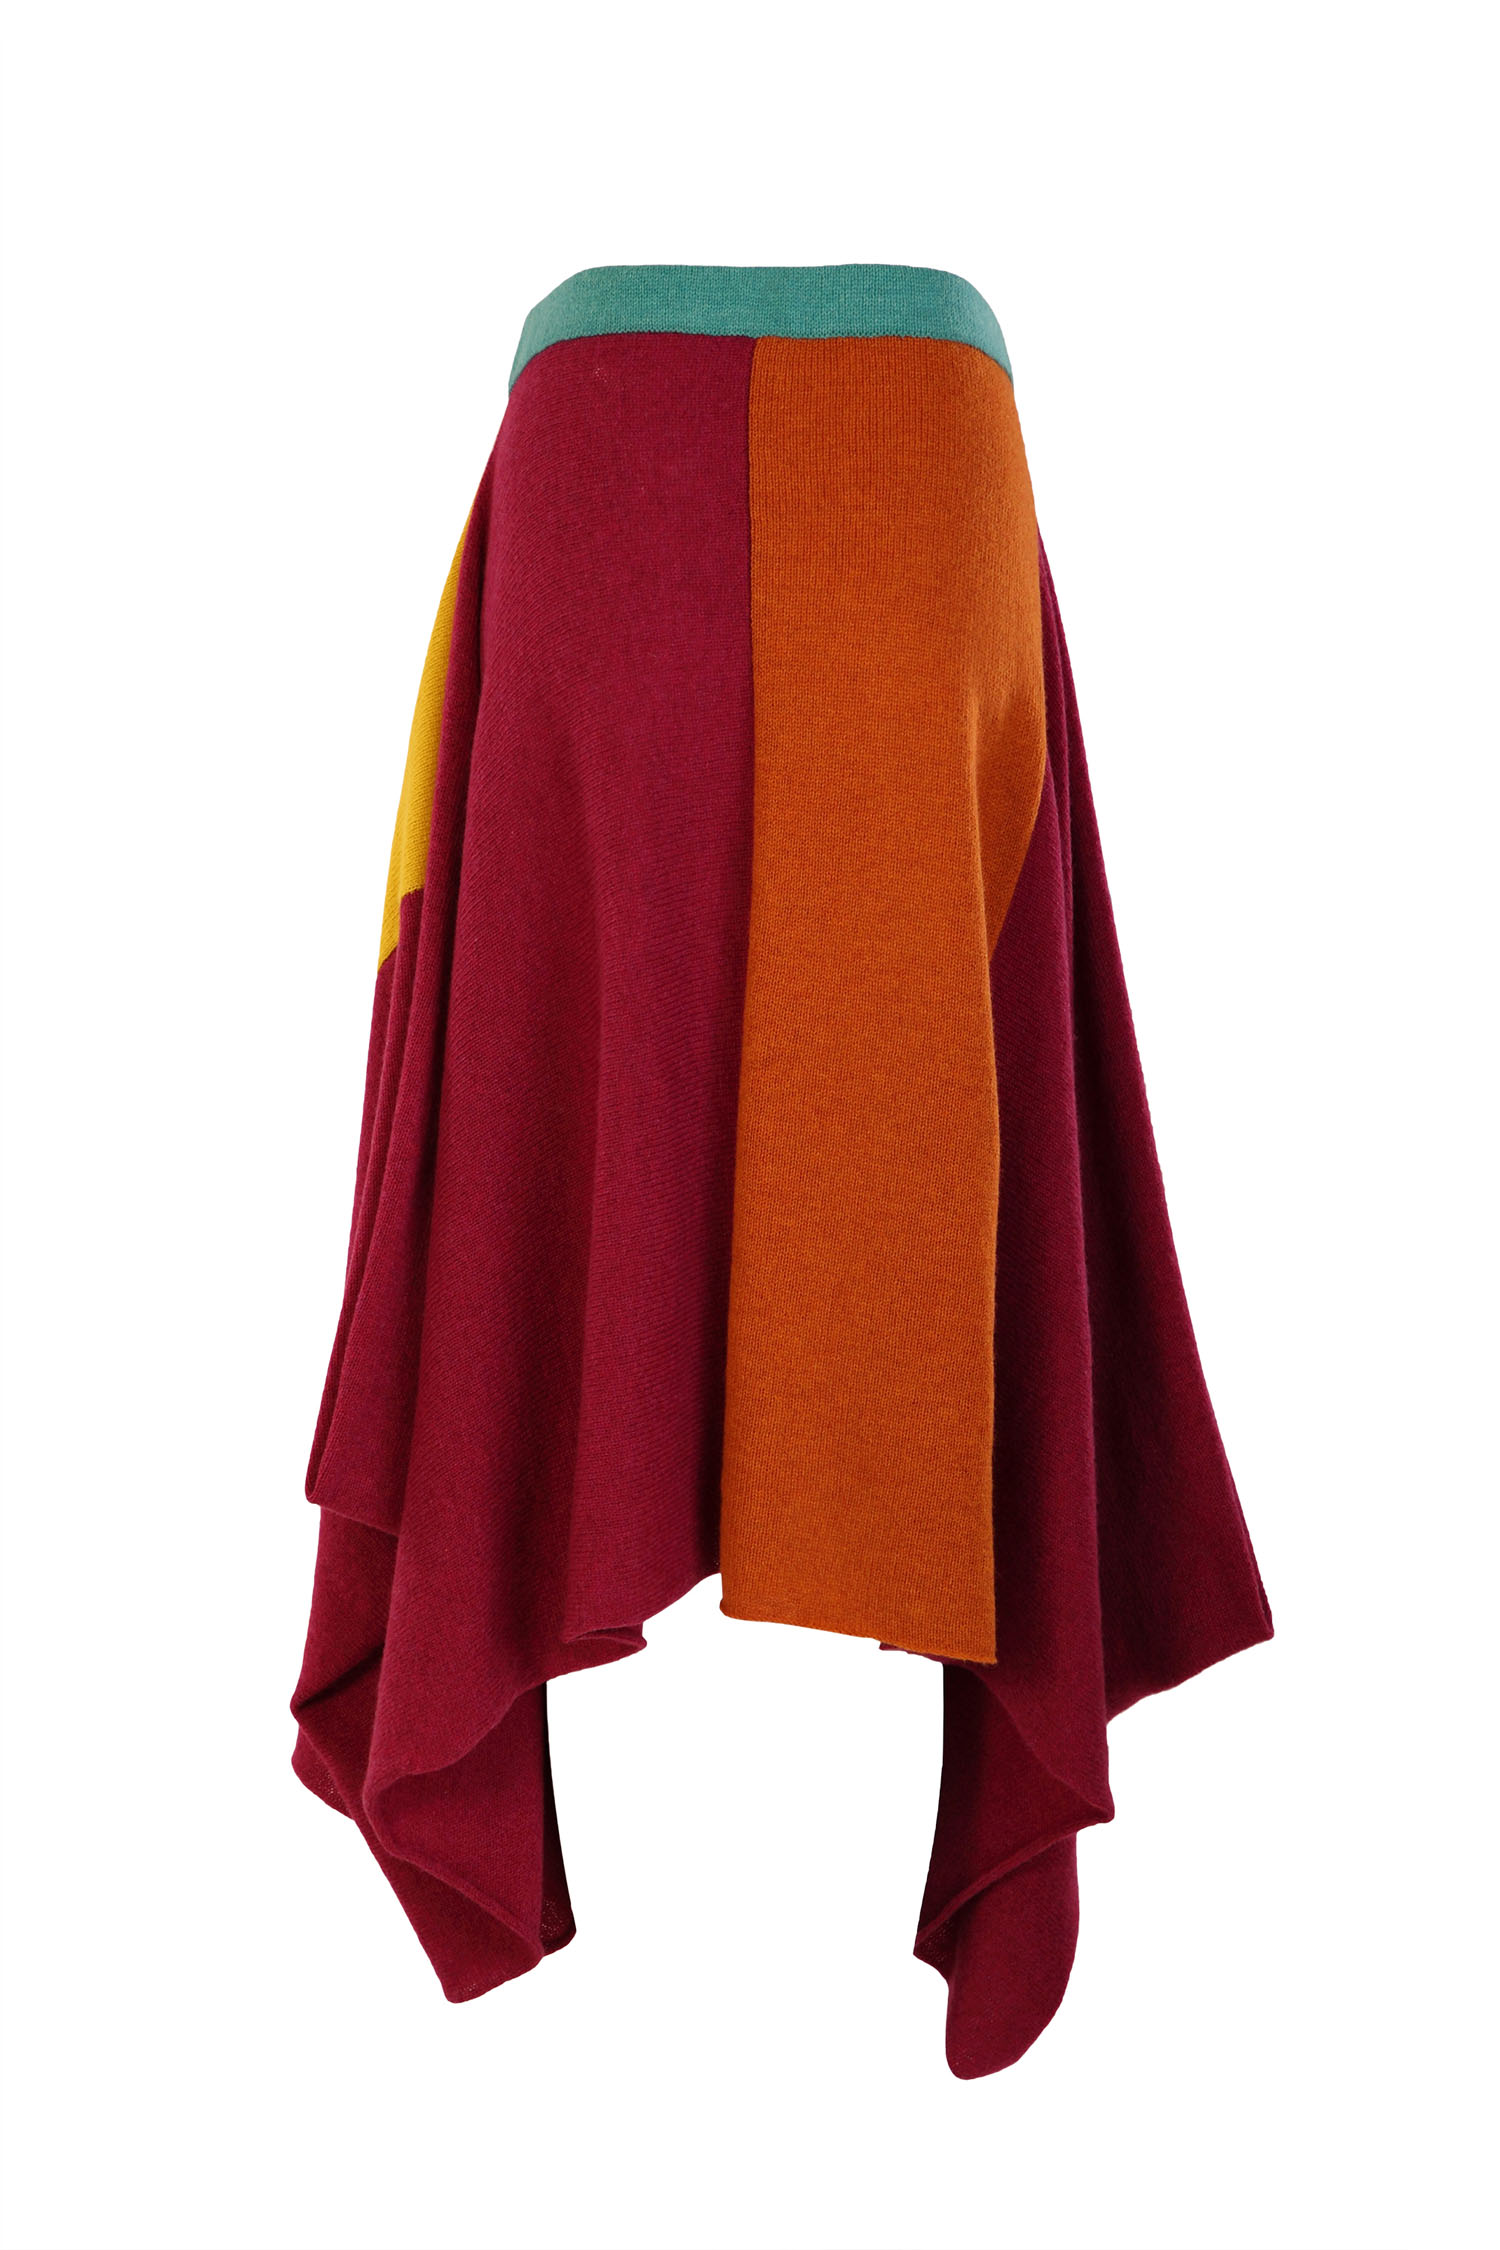 Origami skirt Autumn4